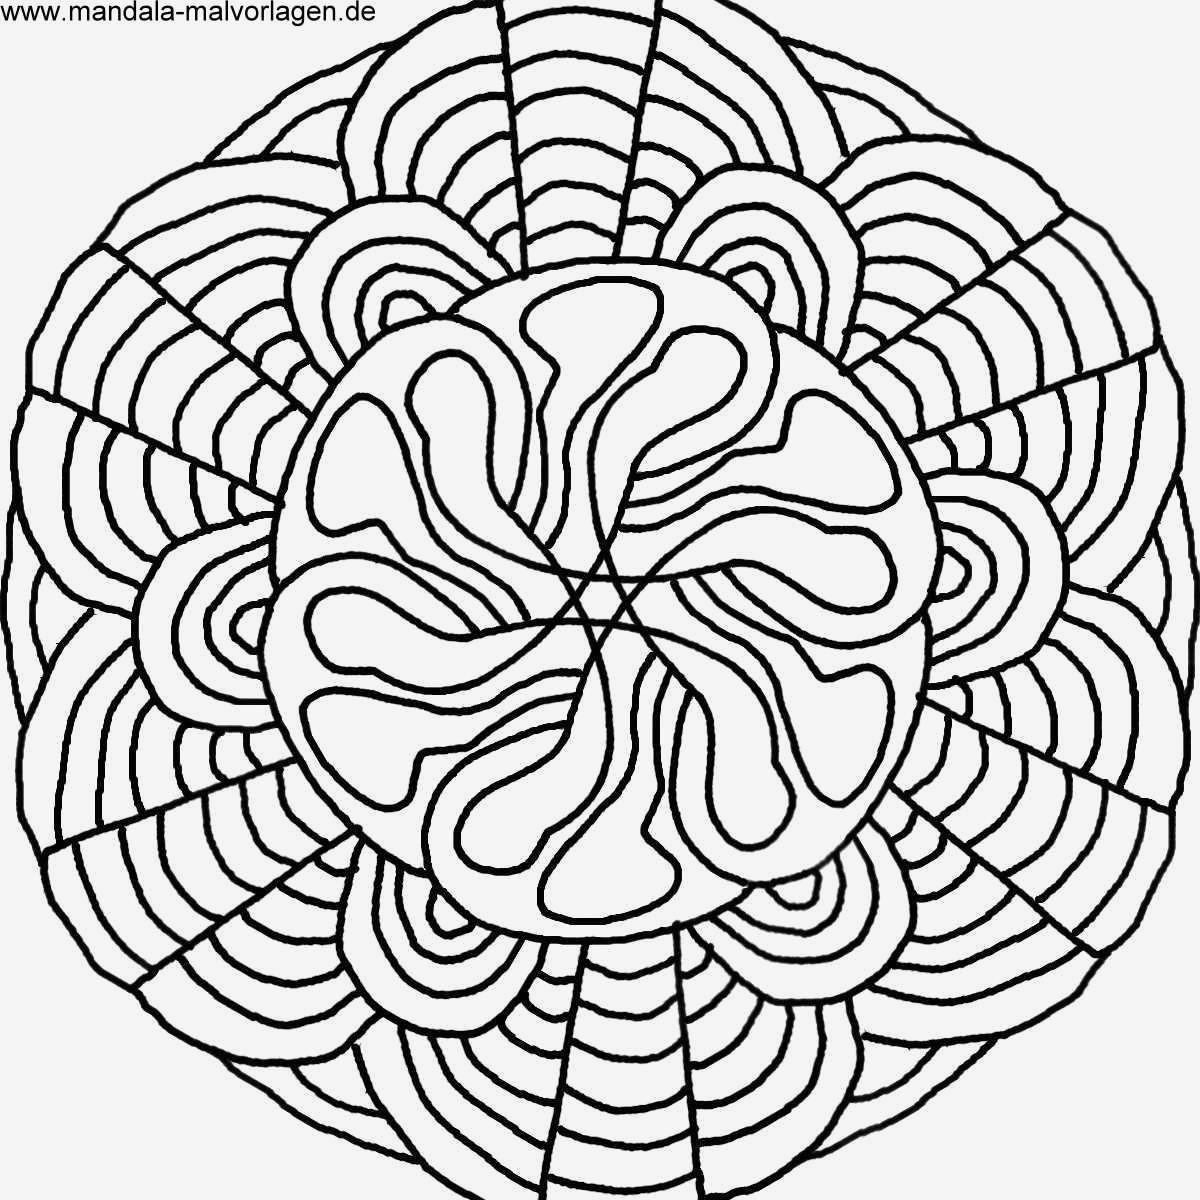 Eulen Zum Ausdrucken Einzigartig Ausmalbilder Mandala Kostenlos Eule Bildergalerie & Bilder Zum Galerie